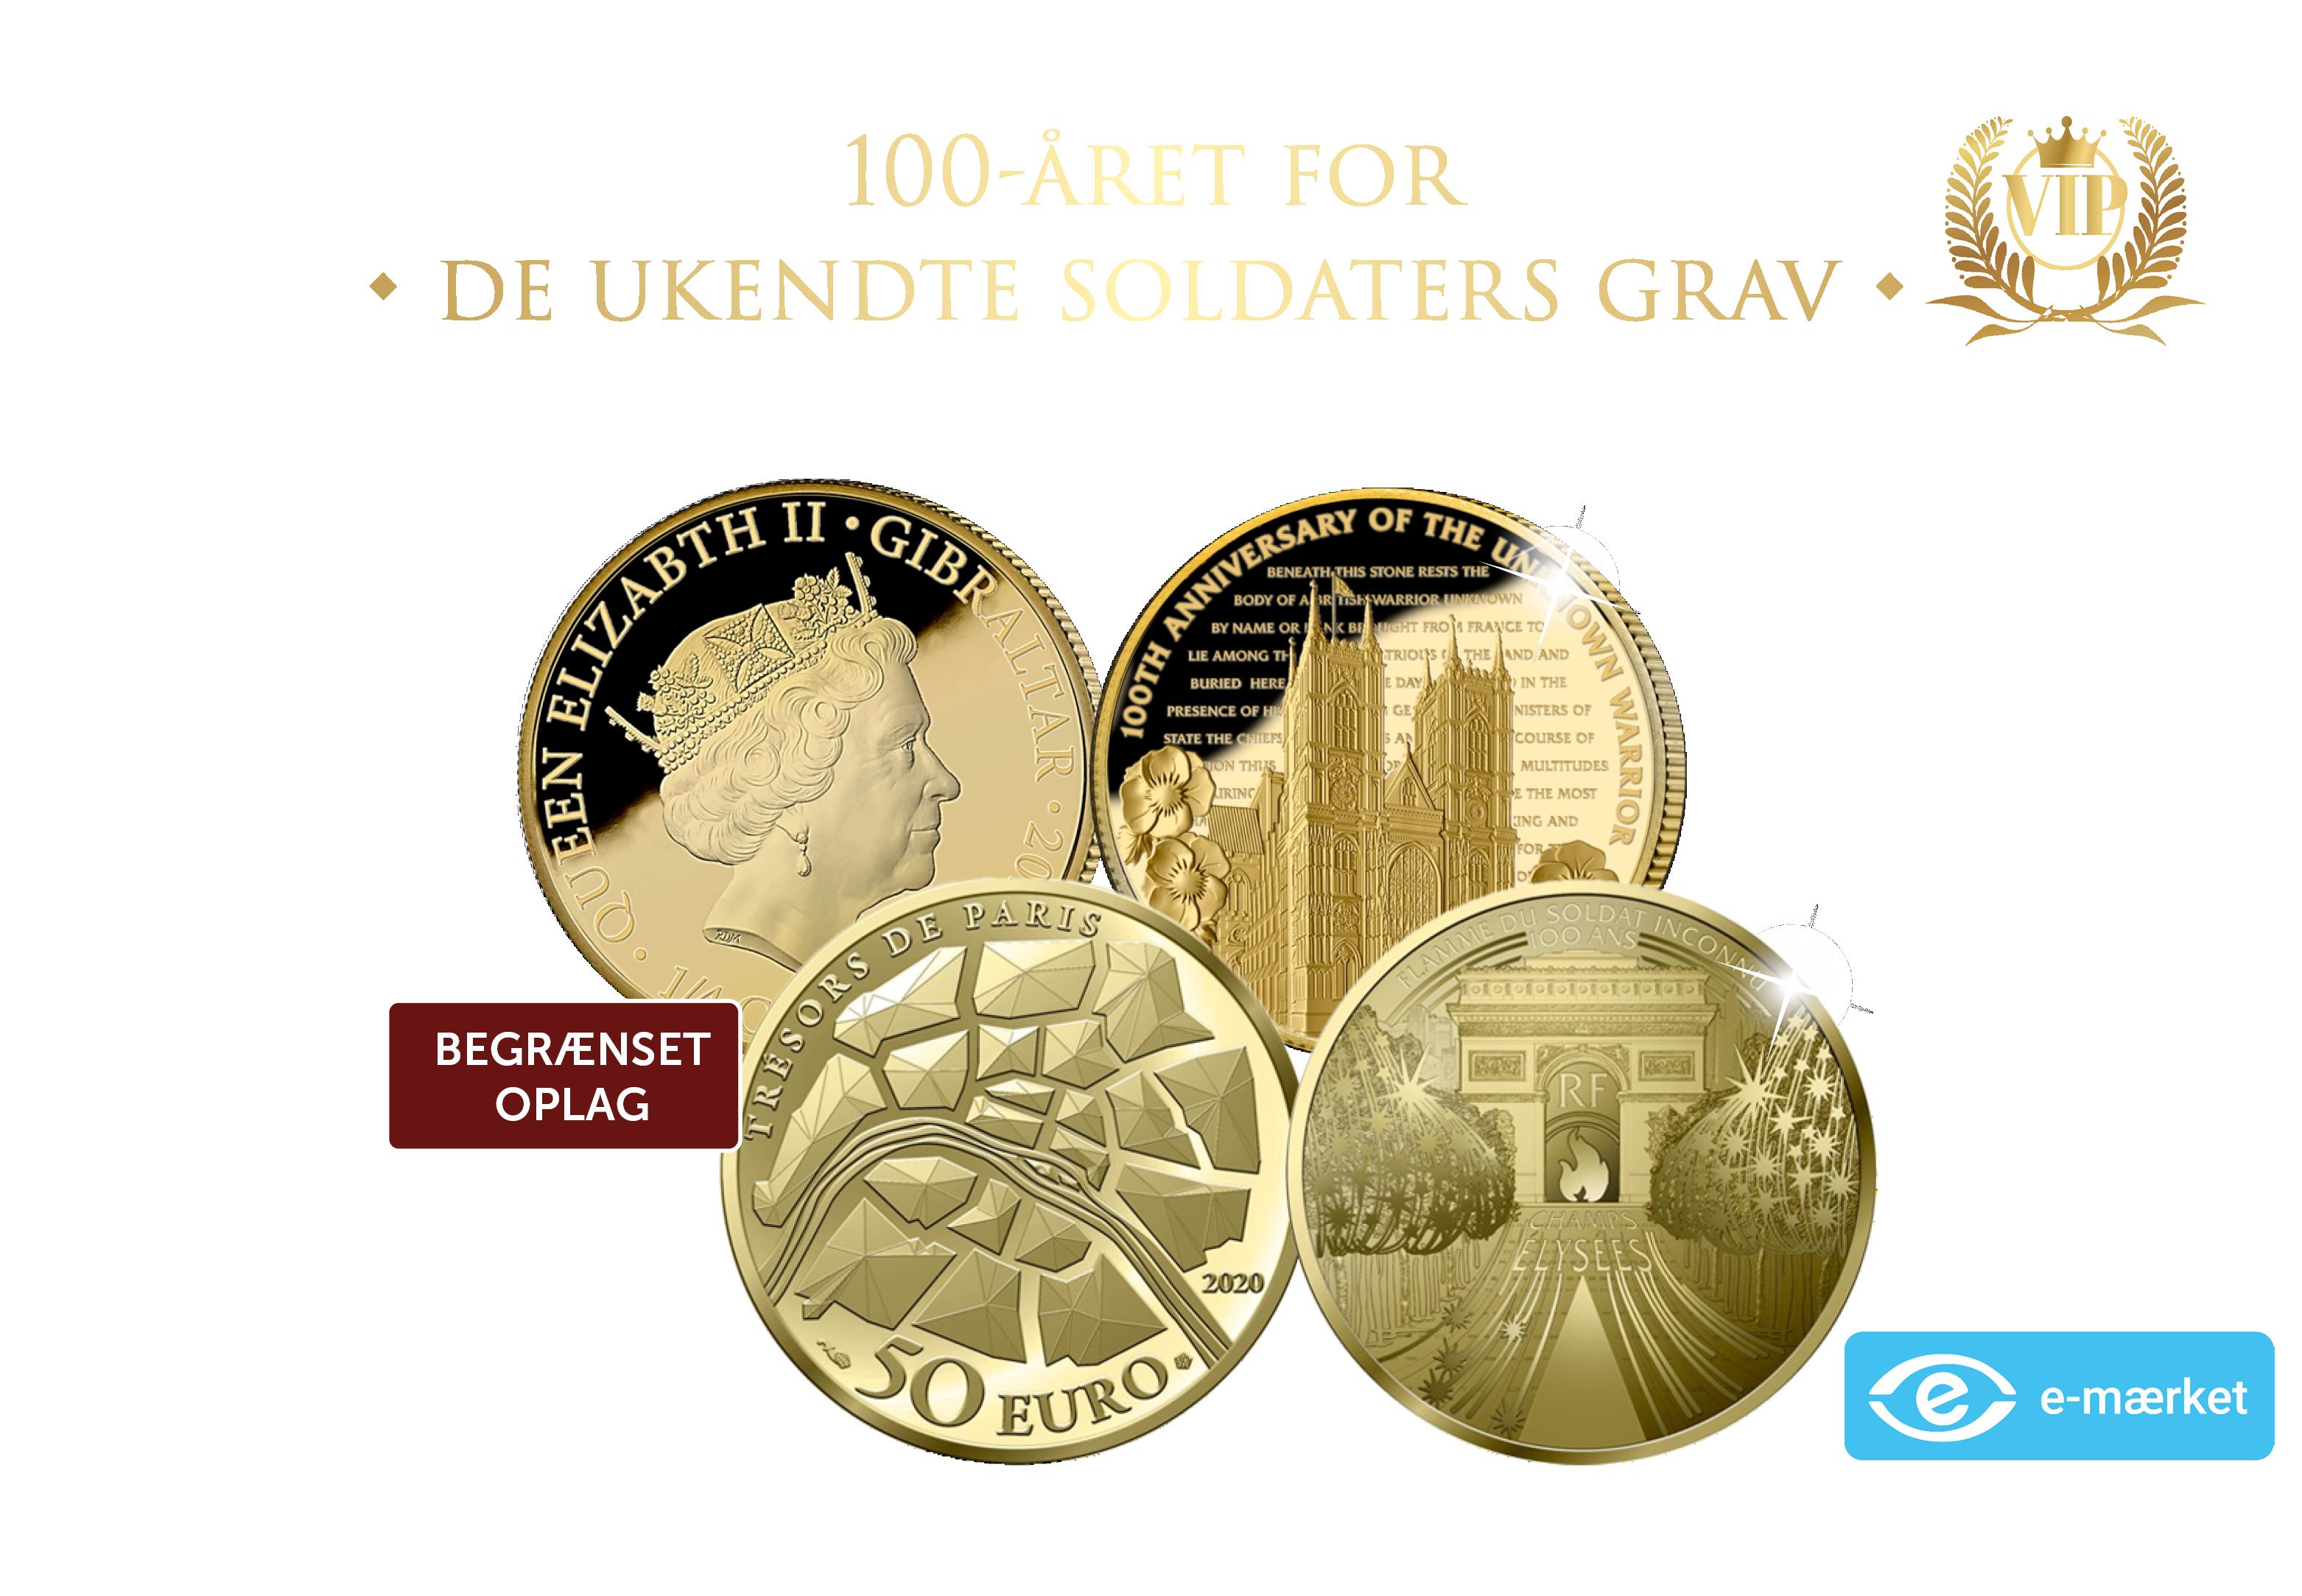 Møntsæt udgivet i forbindelse med 100-året for de ukendte soldaters grav.